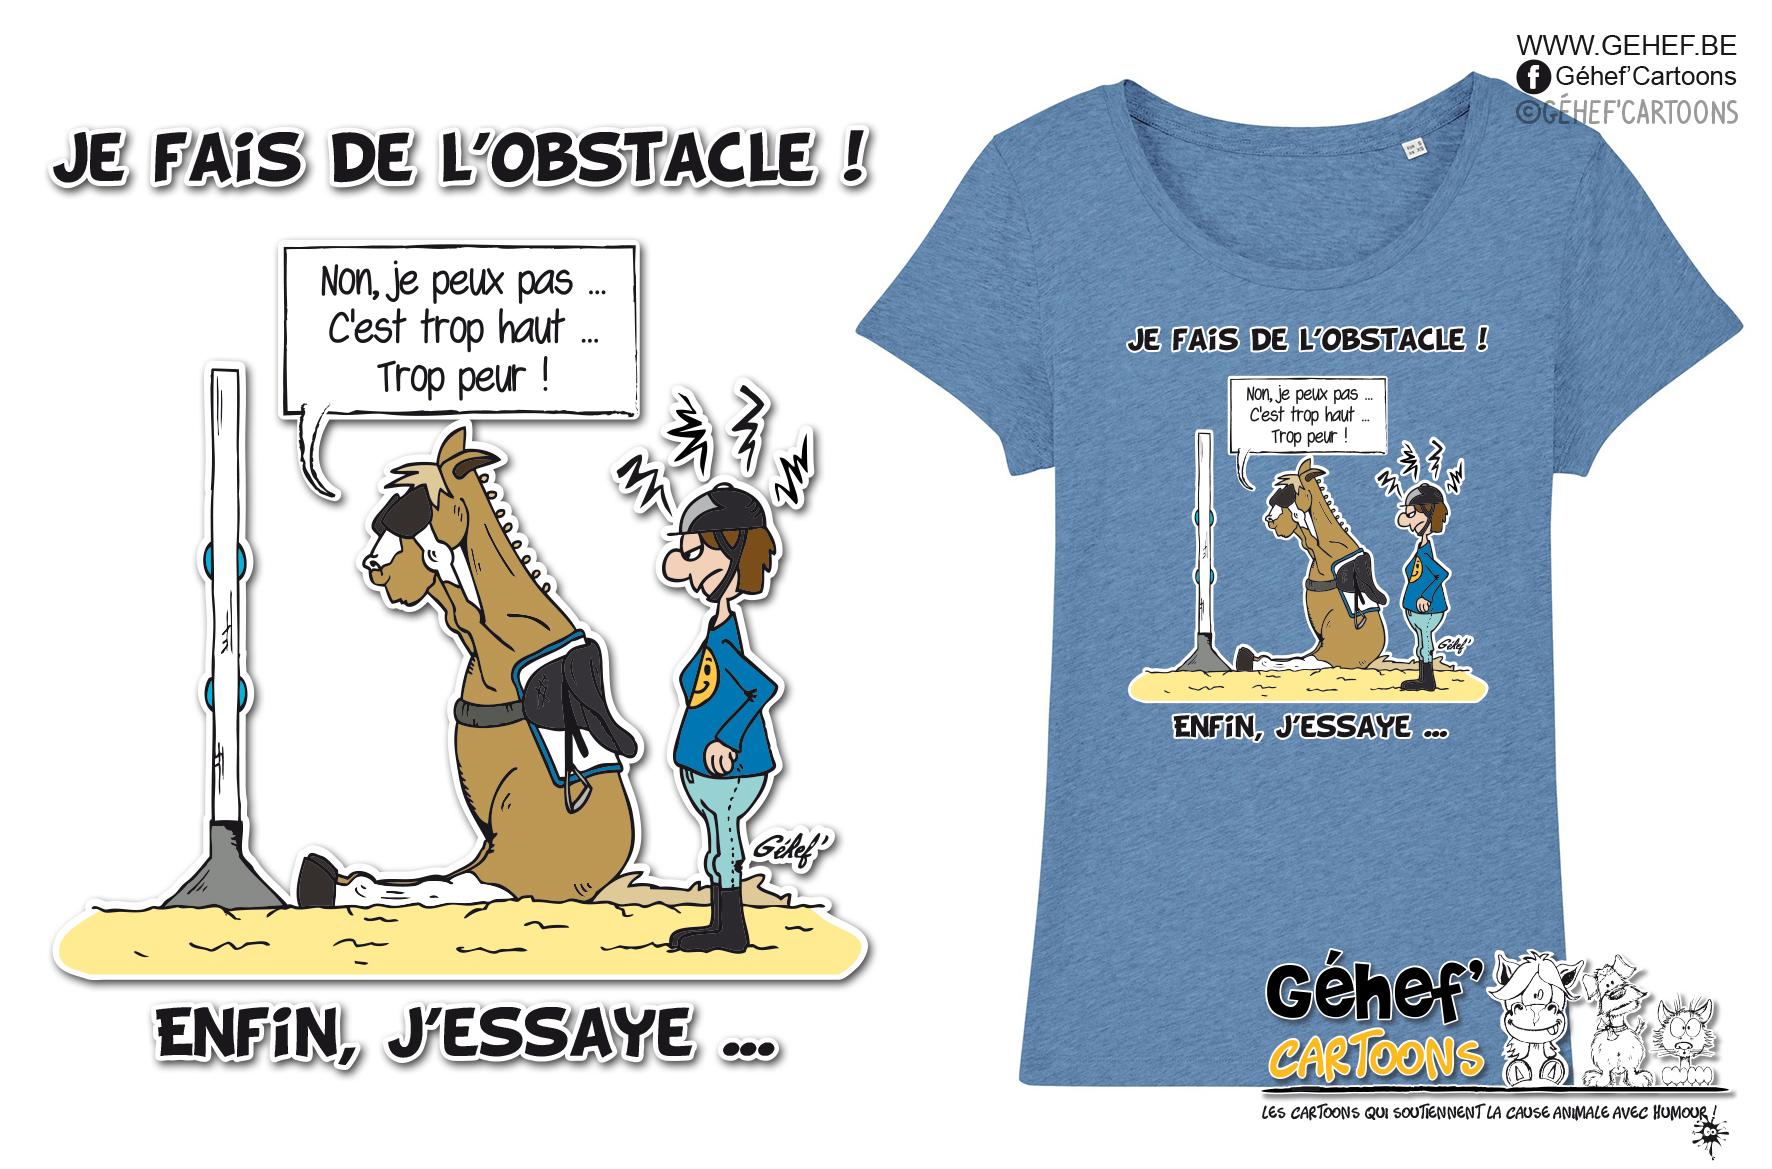 web-teeshirt-w-017---jessaielobstacle